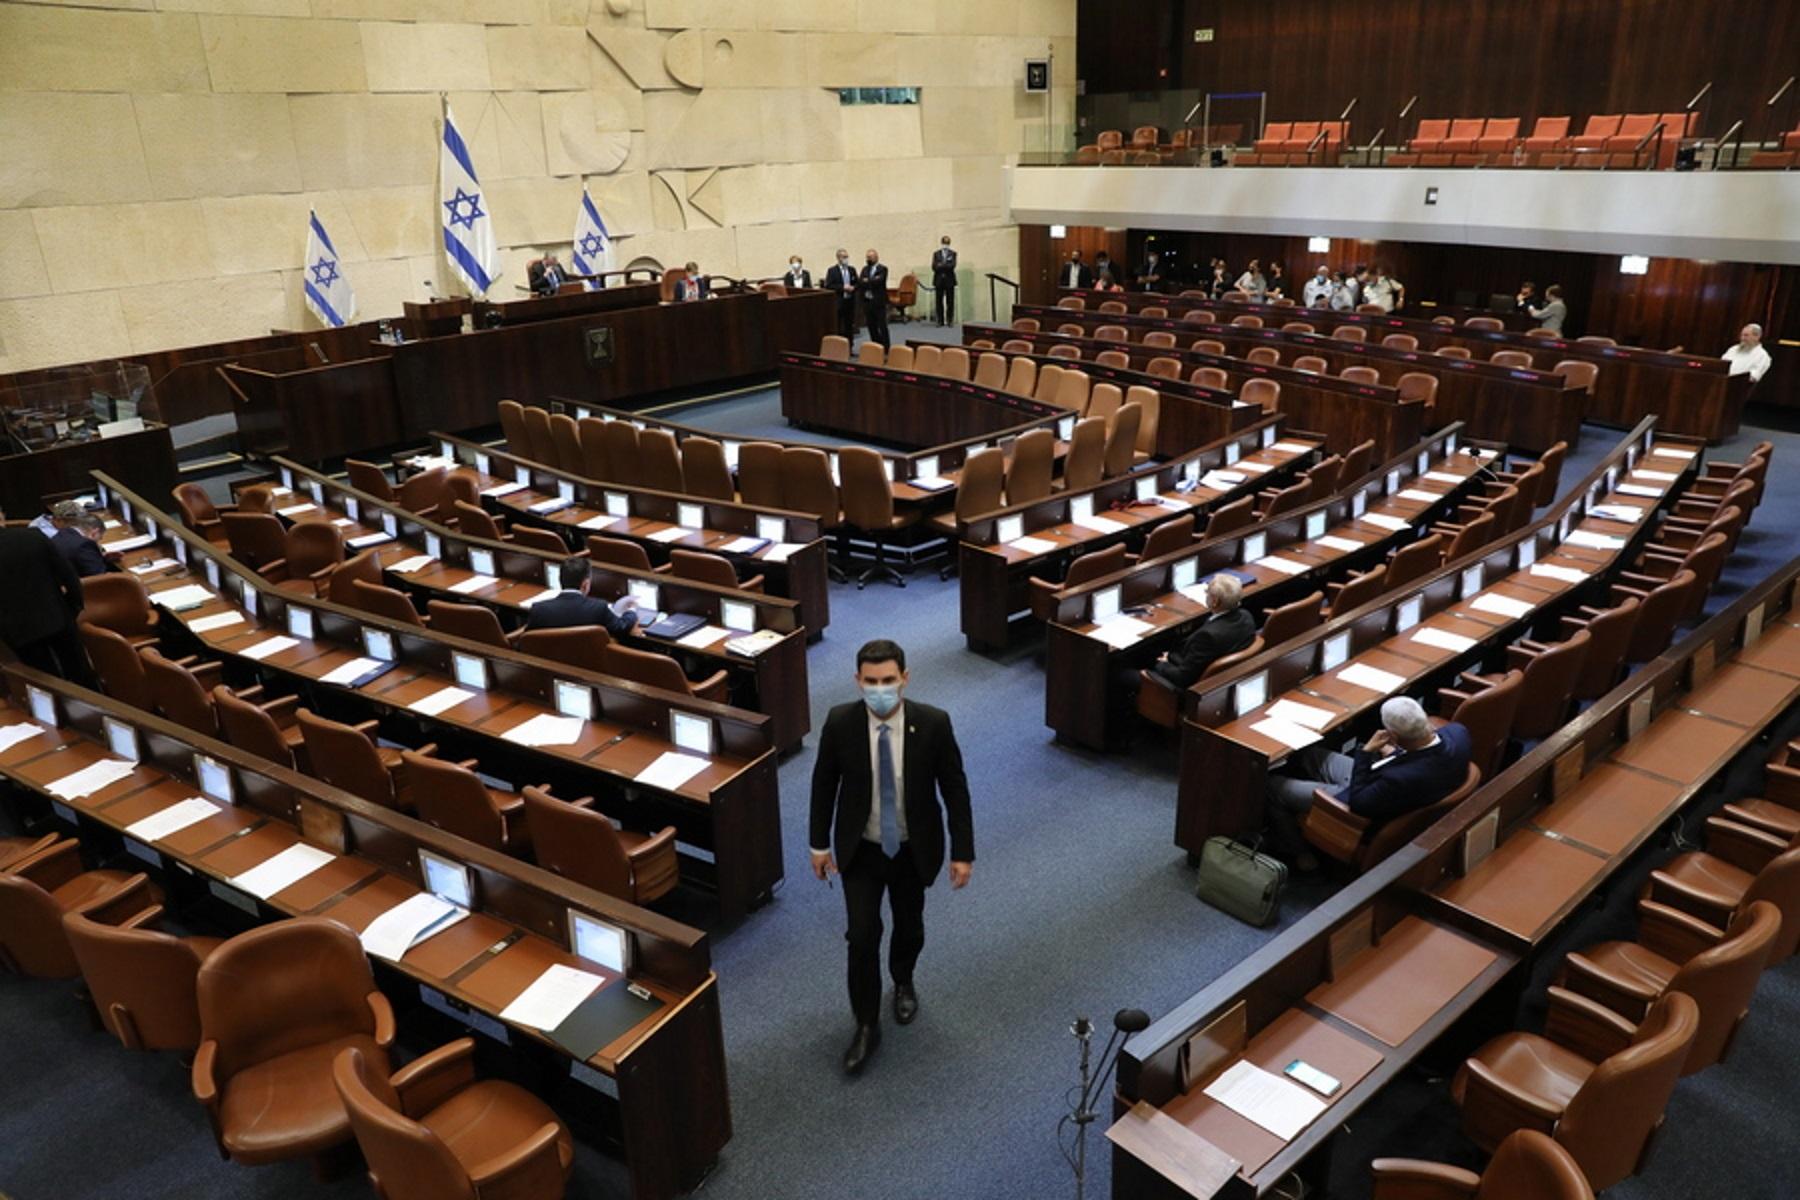 Στις 14 Ιουνίου ψηφίζεται η νέα κυβέρνηση του Ισραήλ